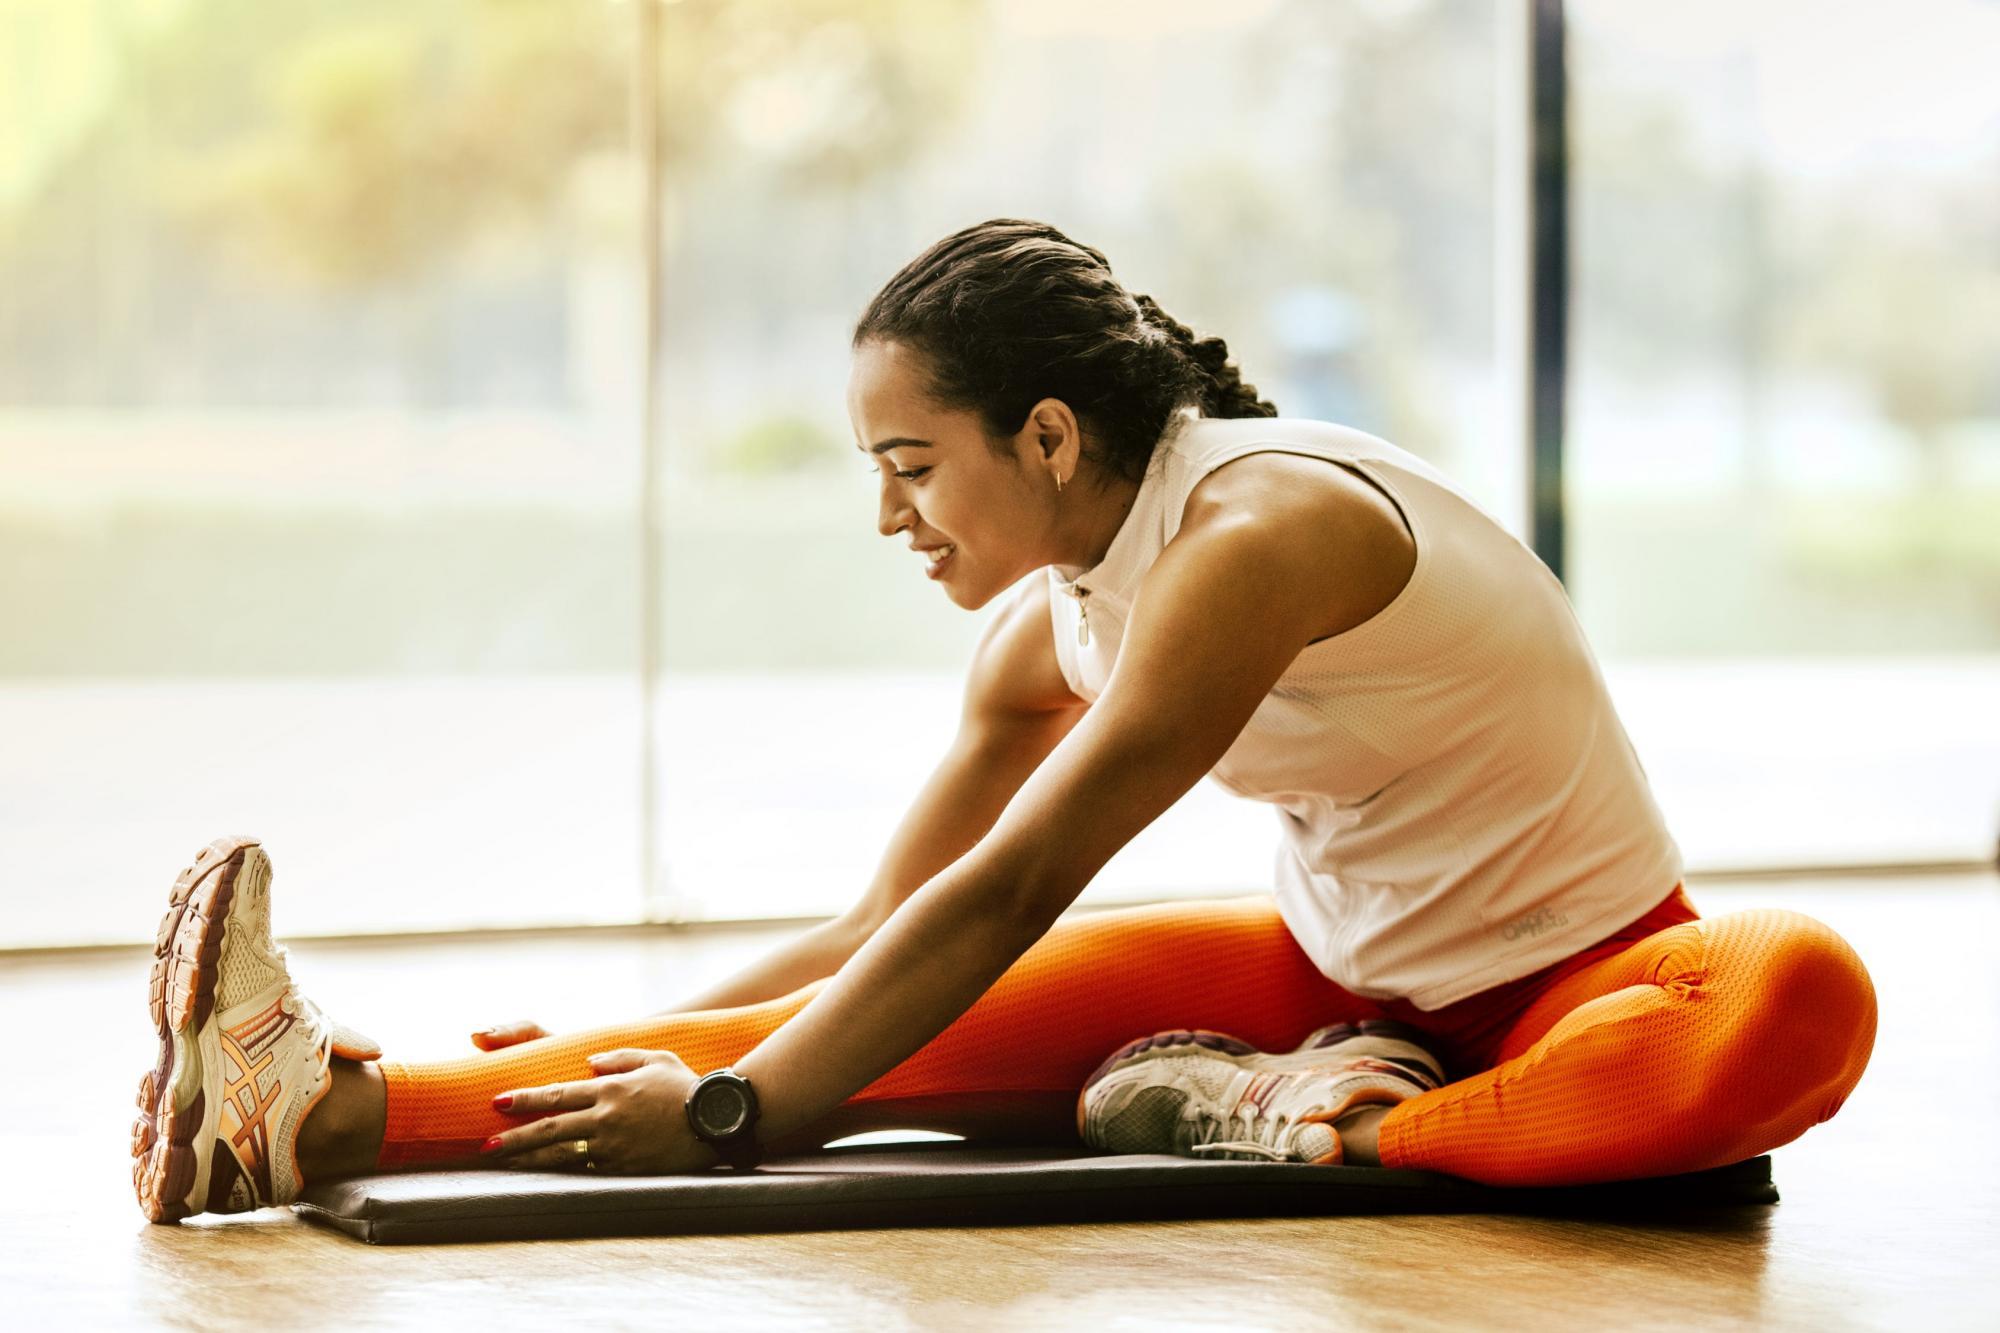 Как преодолеть лень и начать тренироваться. Проще, чем кажется